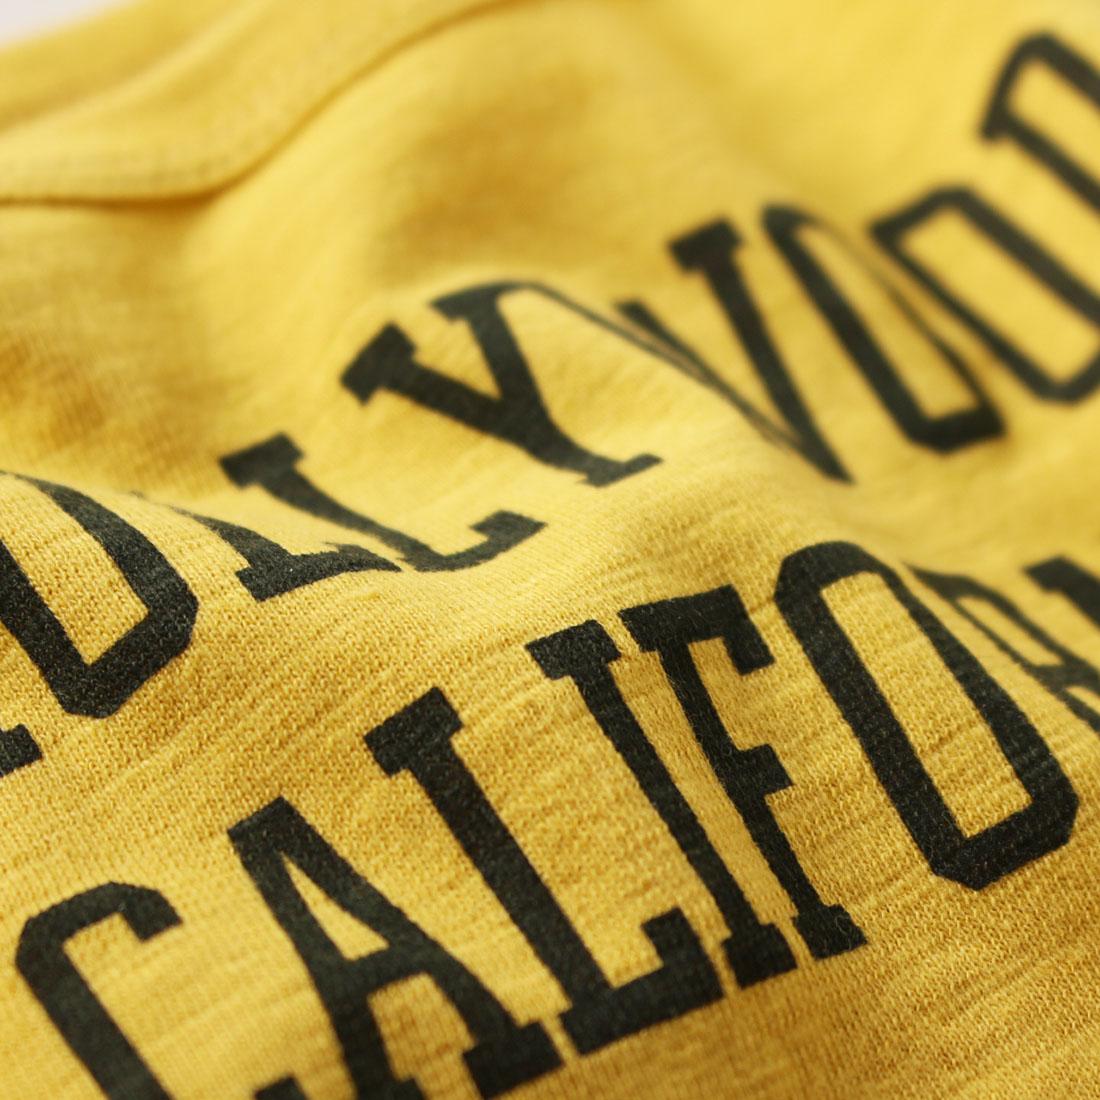 親子ペア お揃い ペアルック 長袖 Tシャツ HOLLYWOOD CALIFORNIA スラブ天竺ロンT(S M L)ジュニア レディース メンズ ユニセックス【メール便可】